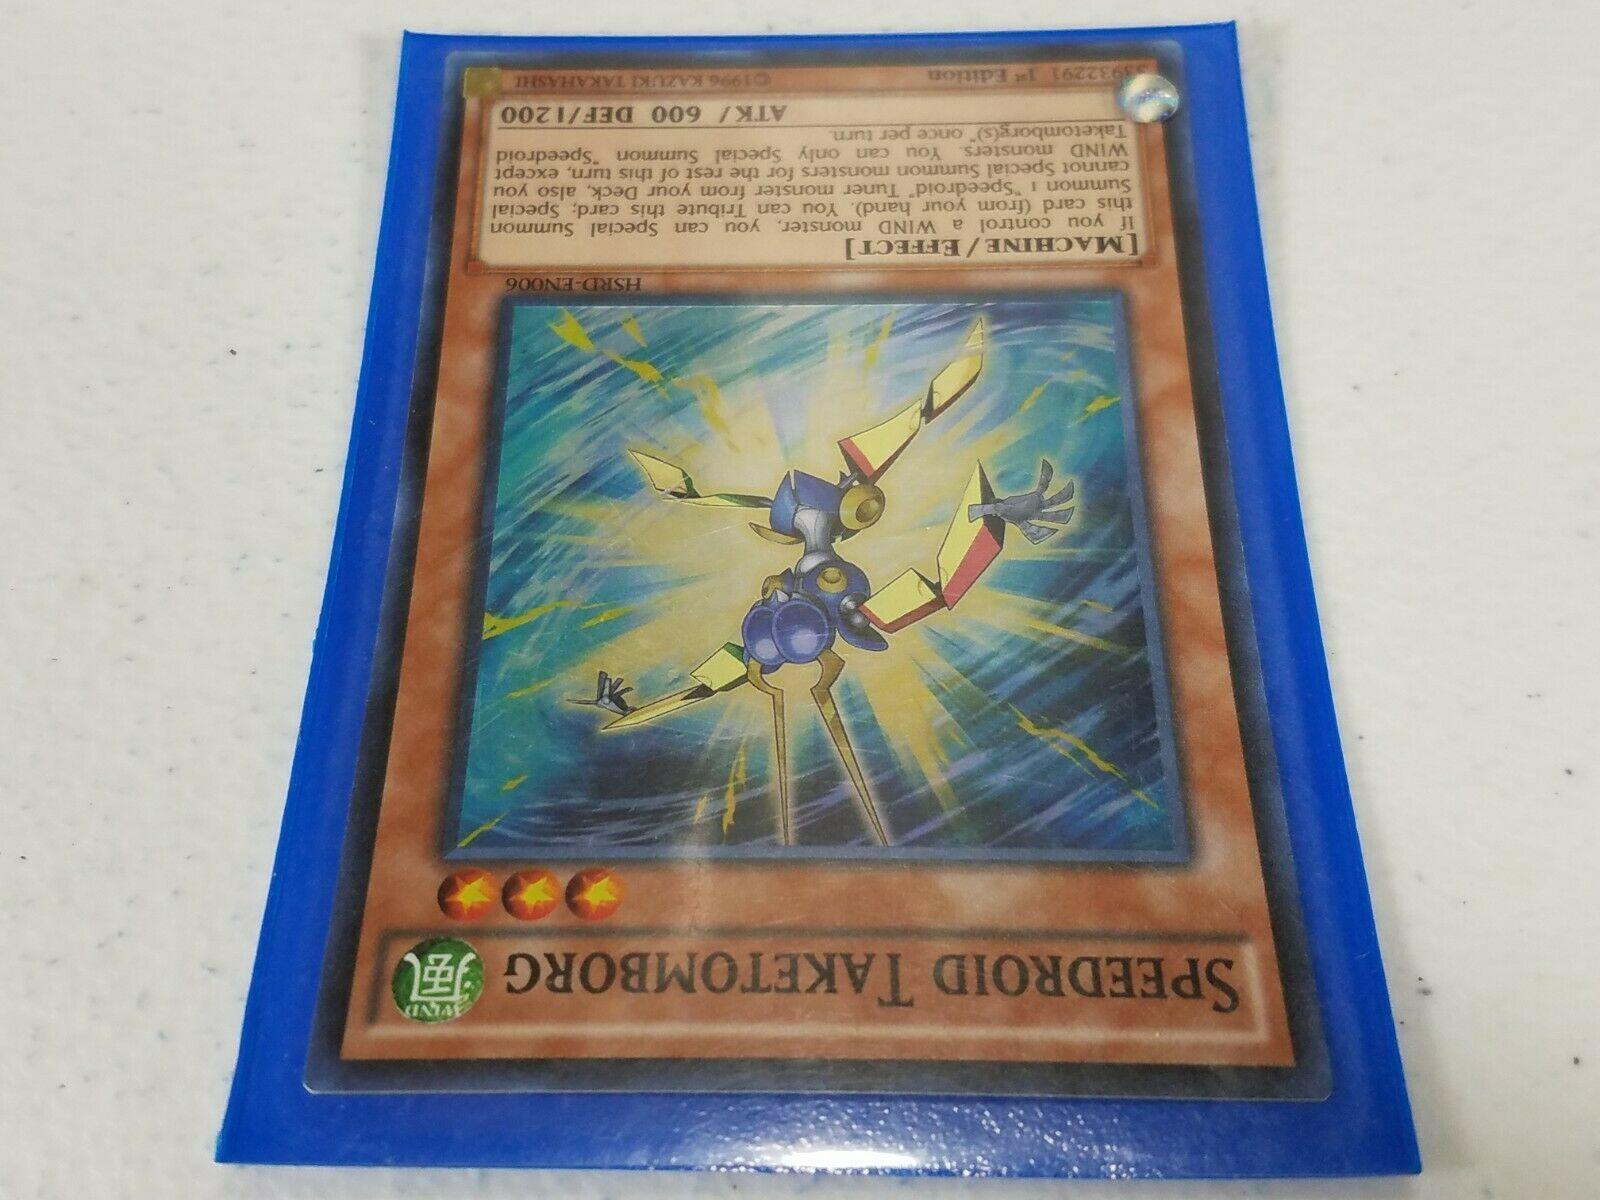 Yu-gi-oh! Trading Card - Speedroid Taketomborg - HSRD-EN006 - Super Rare 1st Ed.